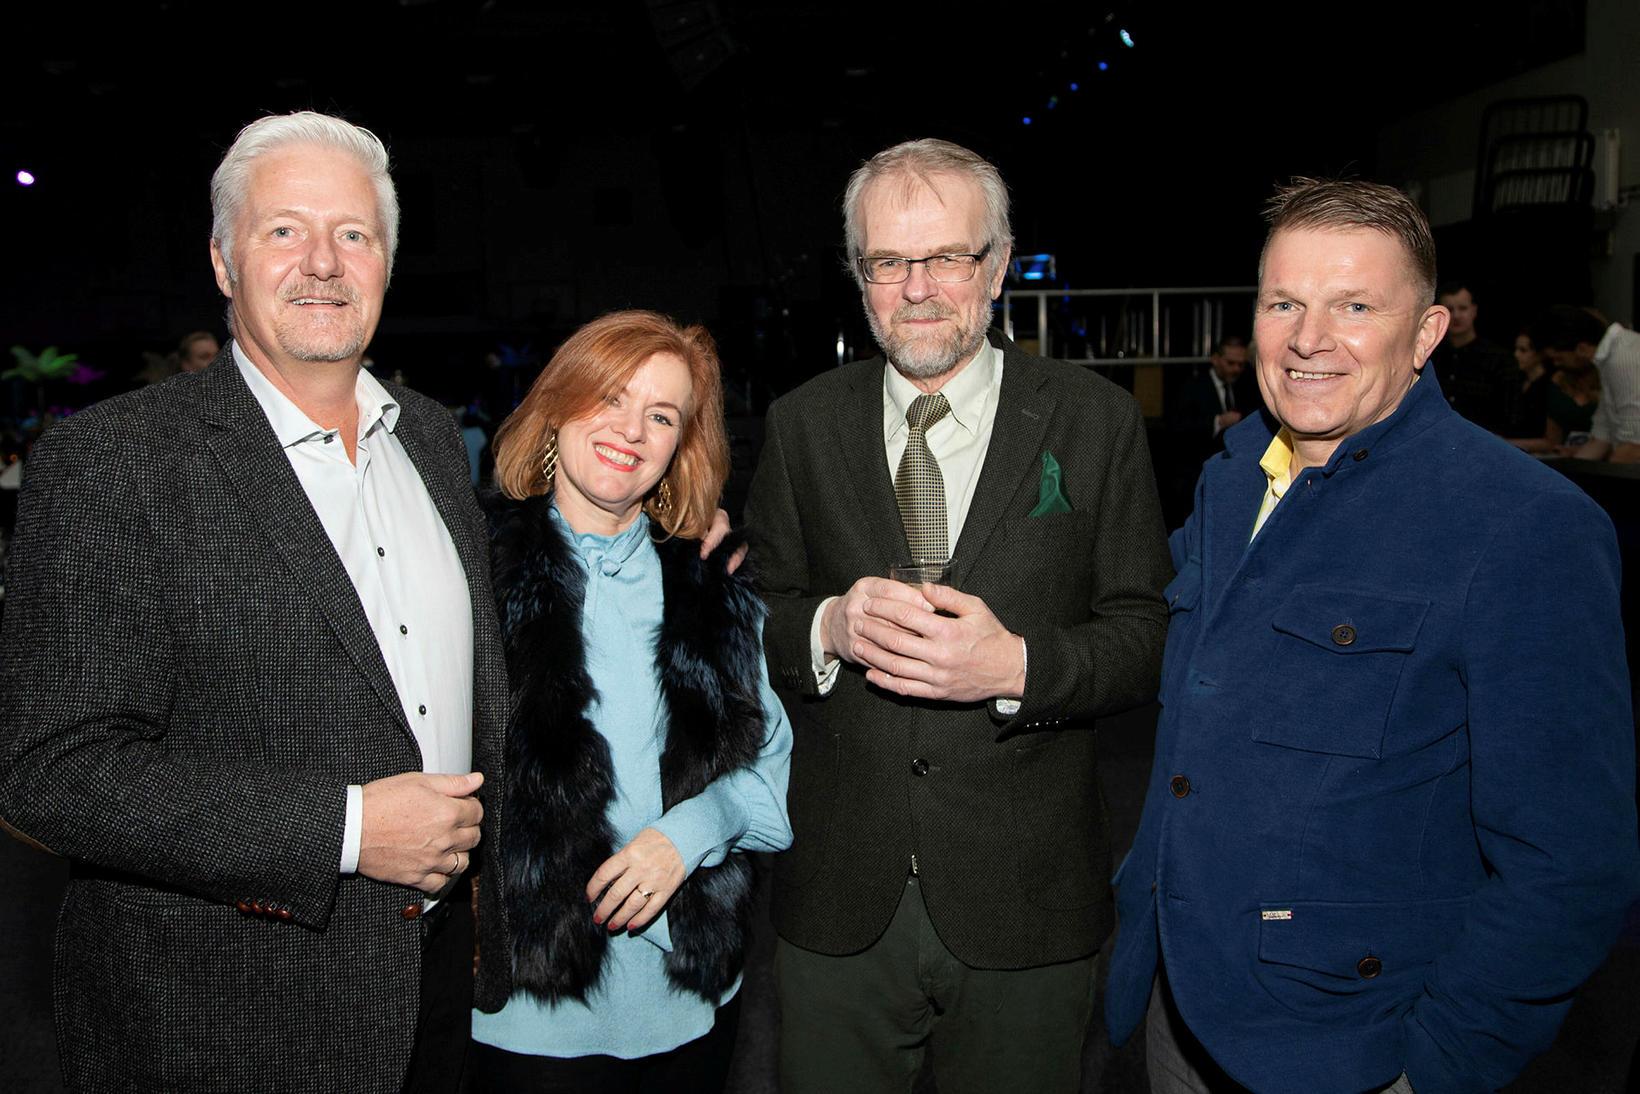 Jan Tomsen, Kristín Birgisdóttir, Árni Hermannsson og Heiðar Sigurðsson.